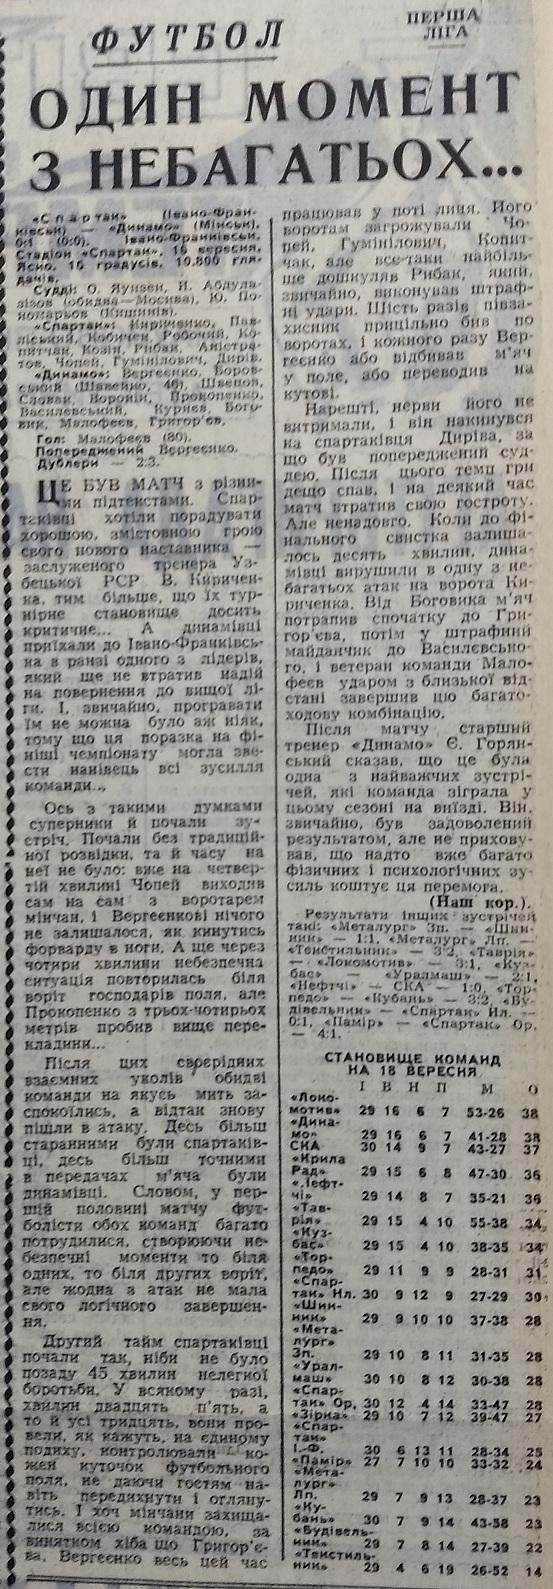 Спартак (Ивано-Франковск) - Динамо (Минск) 0:1